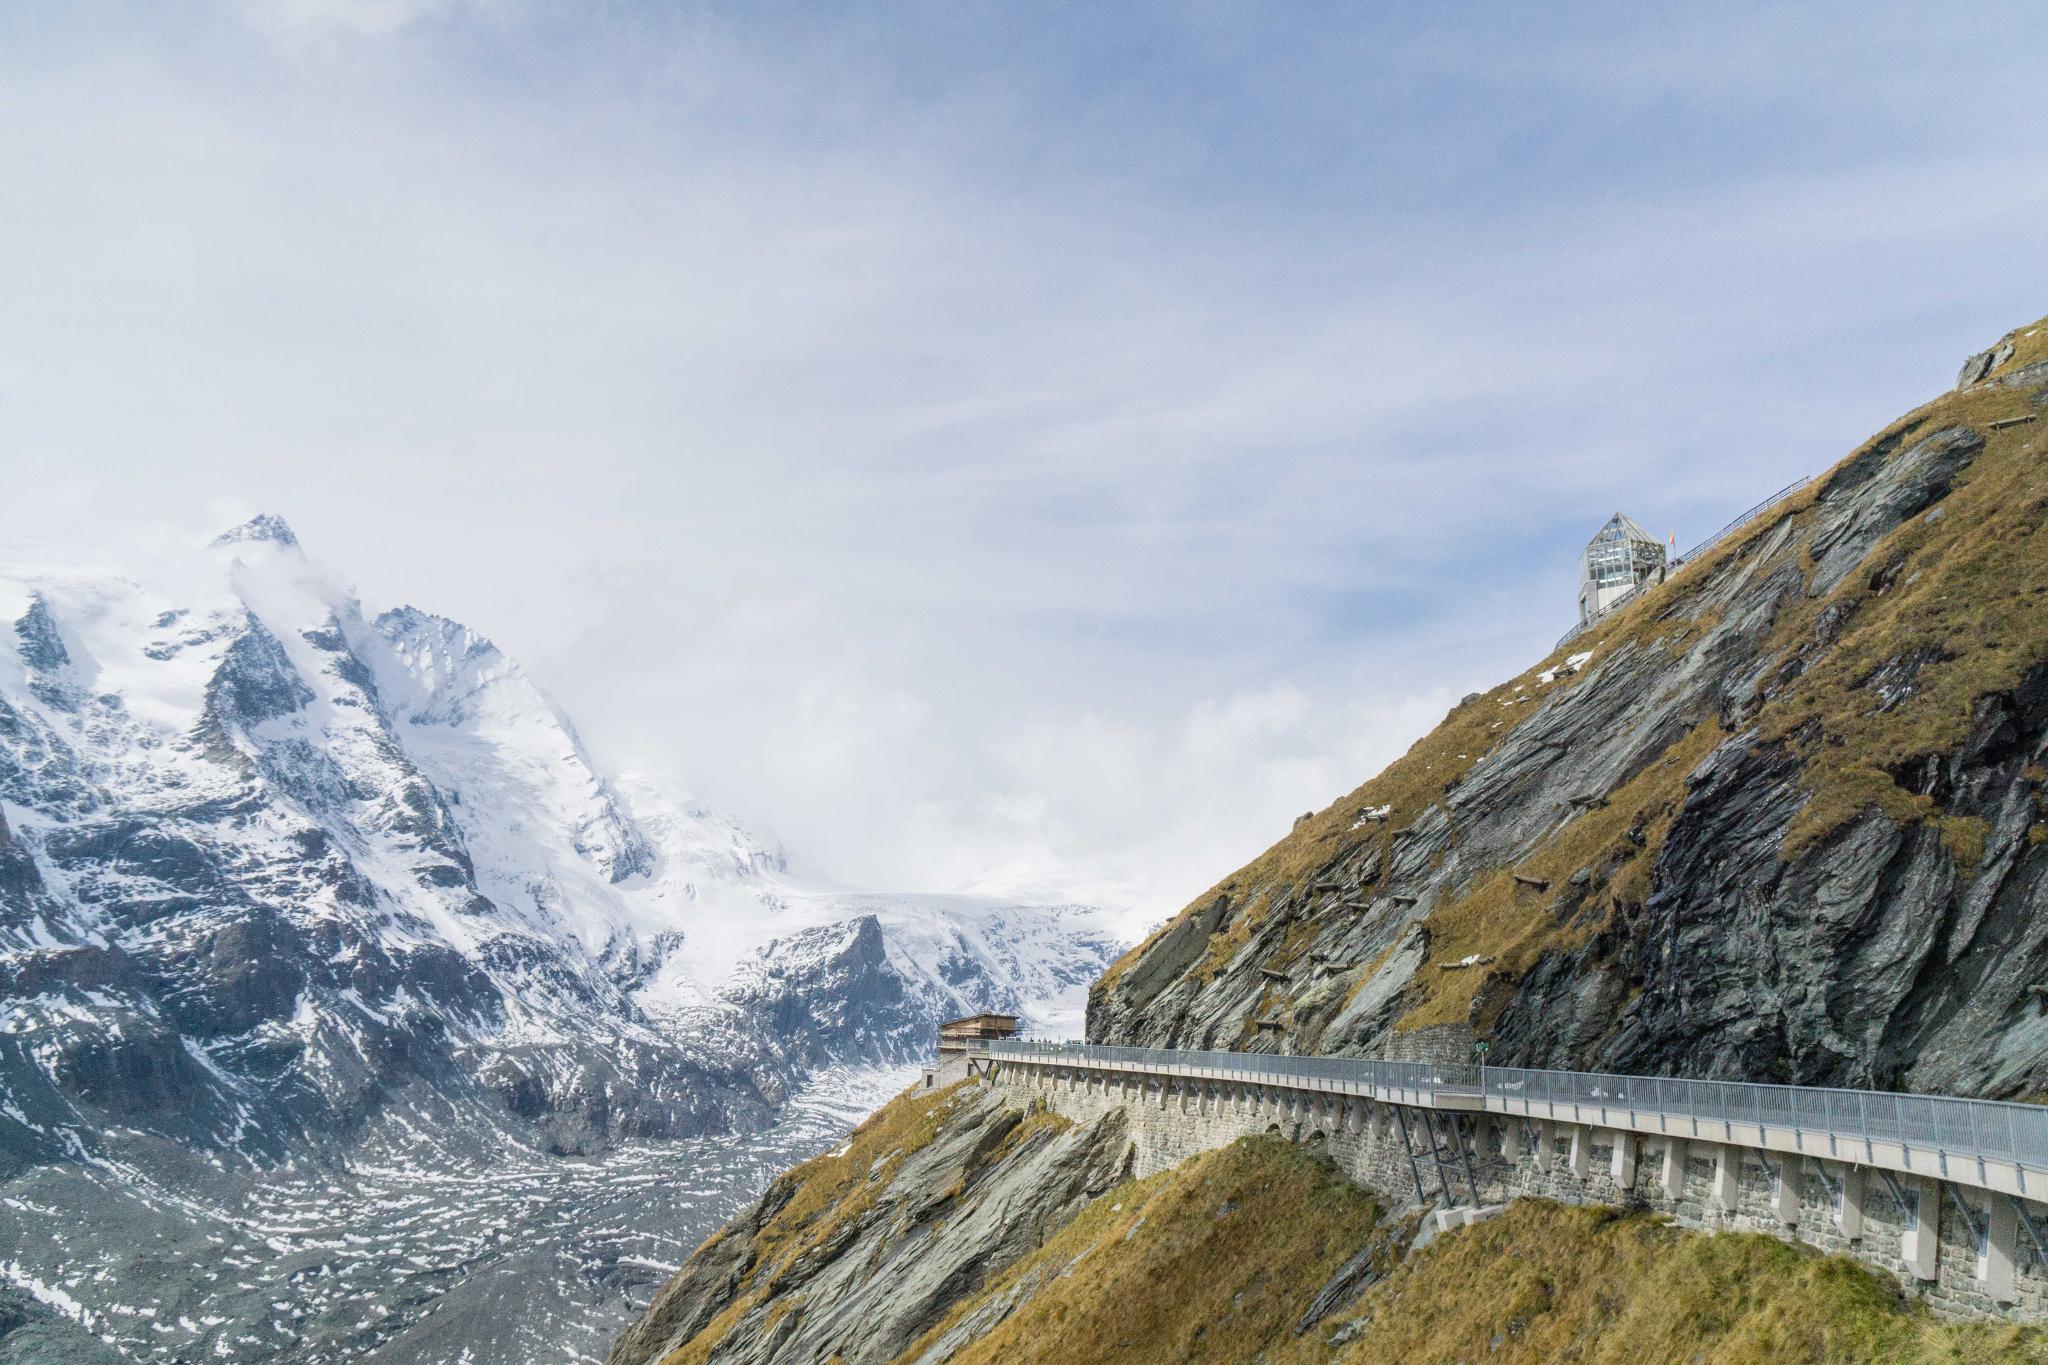 【奧地利】穿越阿爾卑斯之巔 — 奧地利大鐘山冰河公路 (Grossglockner High Alpine Road) 29